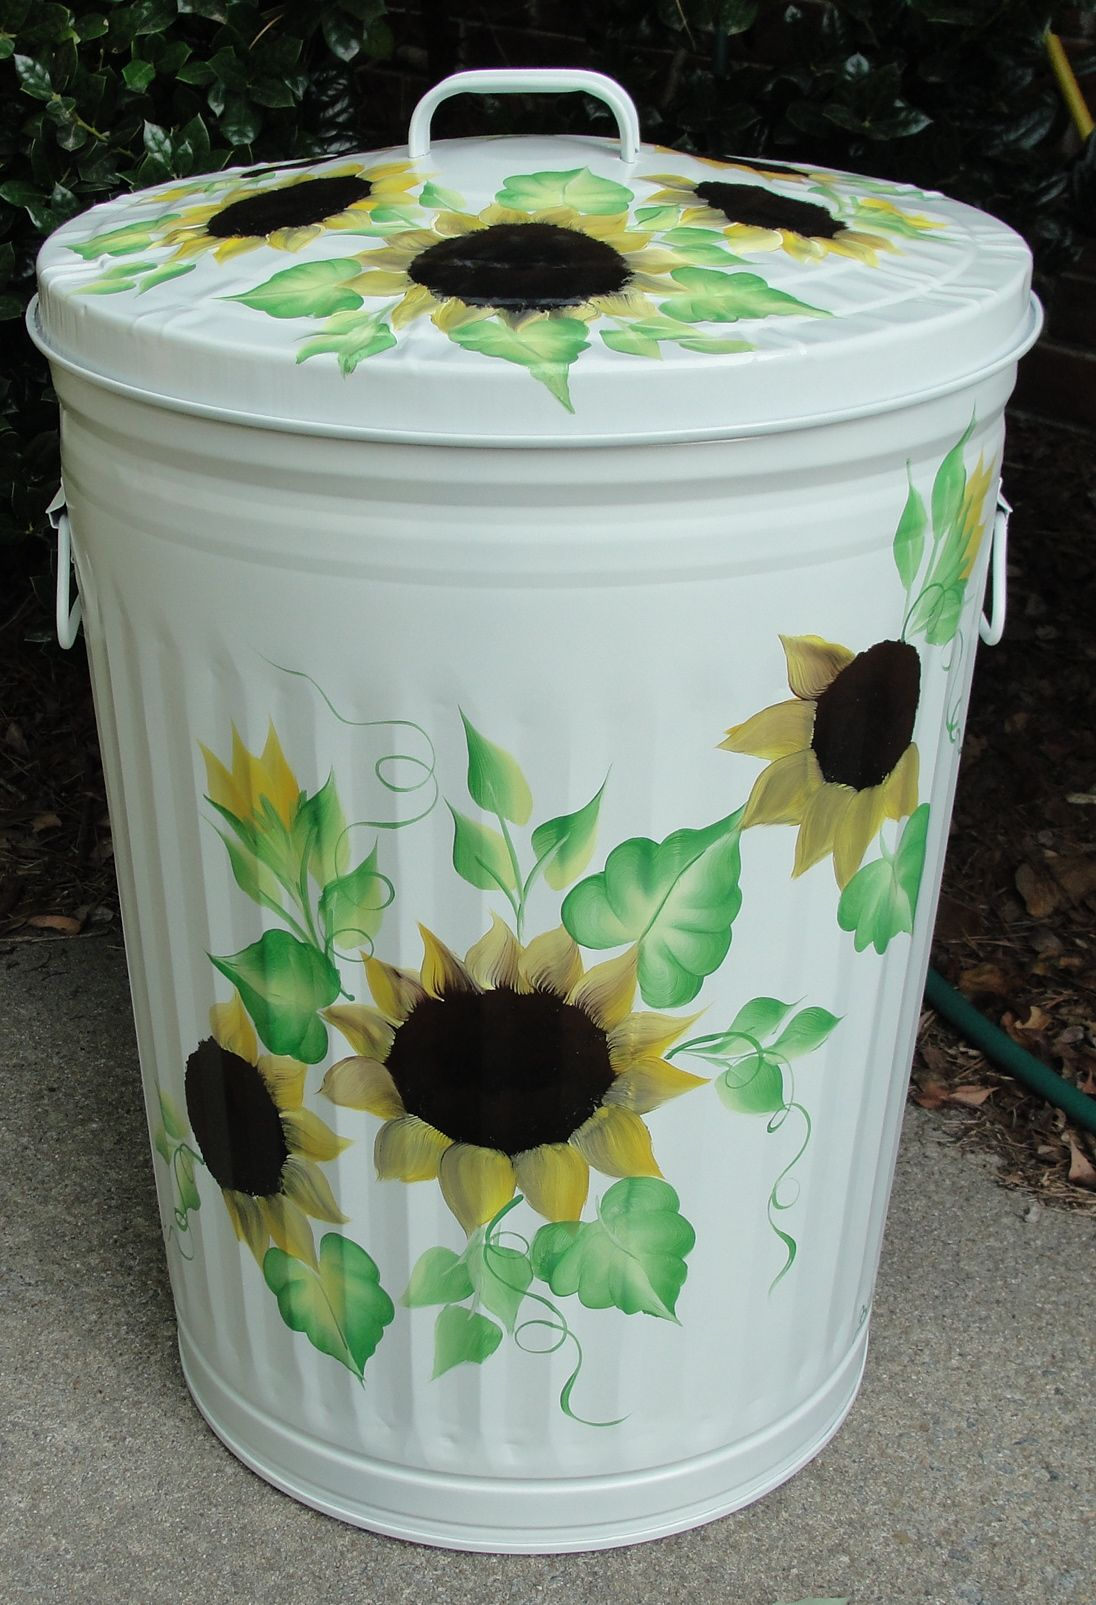 painted metal garbage cans decorative metal galvanized trash cans - Decorative Trash Cans